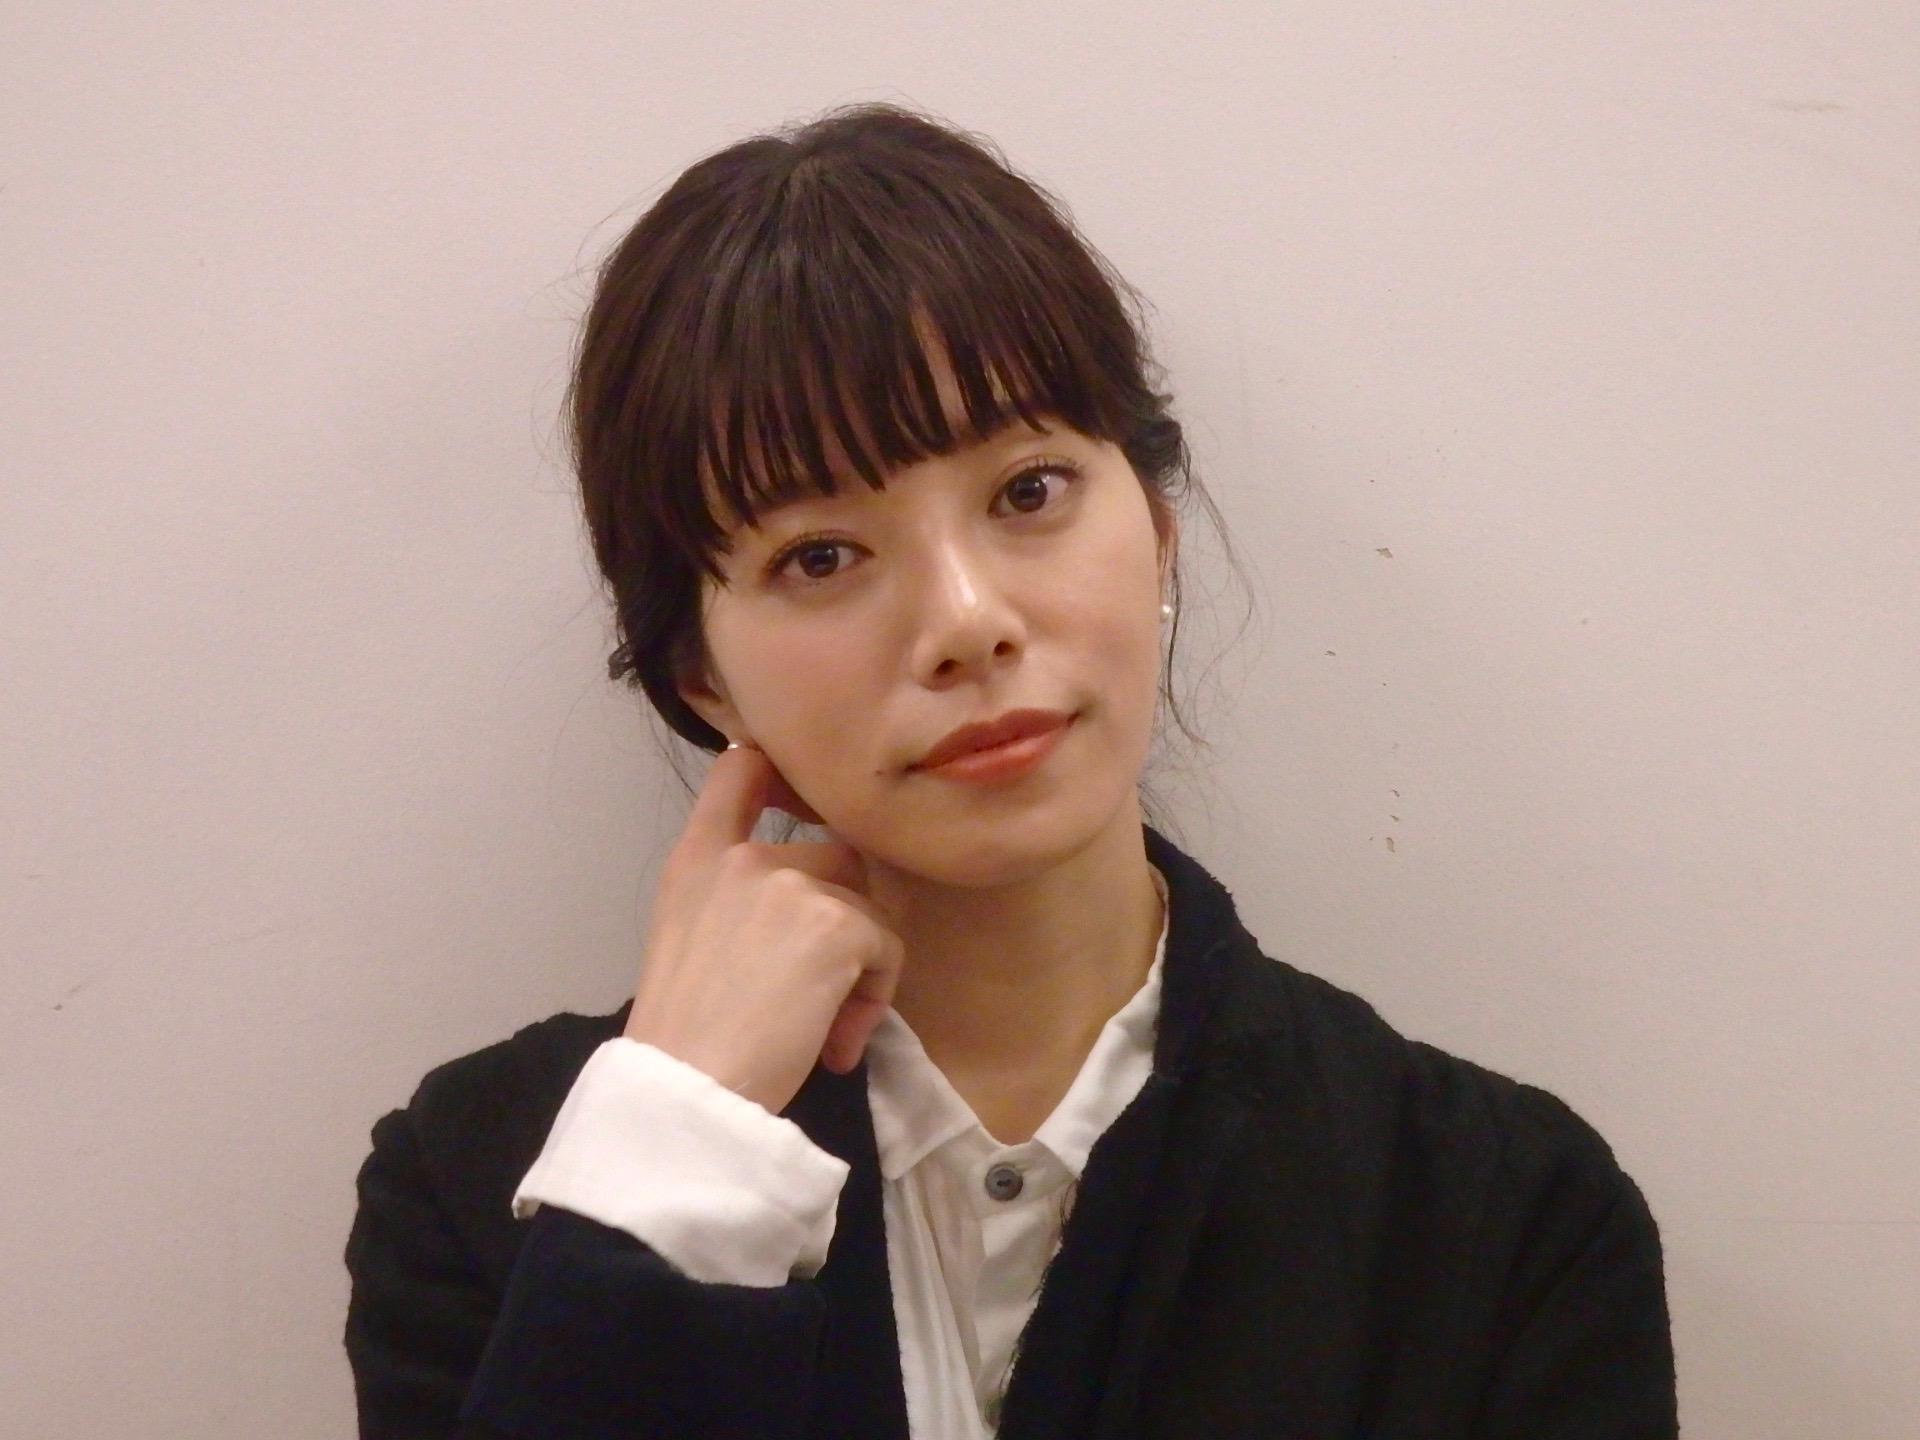 http://news.yoshimoto.co.jp/20181027054116-8bd3e8af7c5bcf7ab02c394692503126e7e03930.jpg